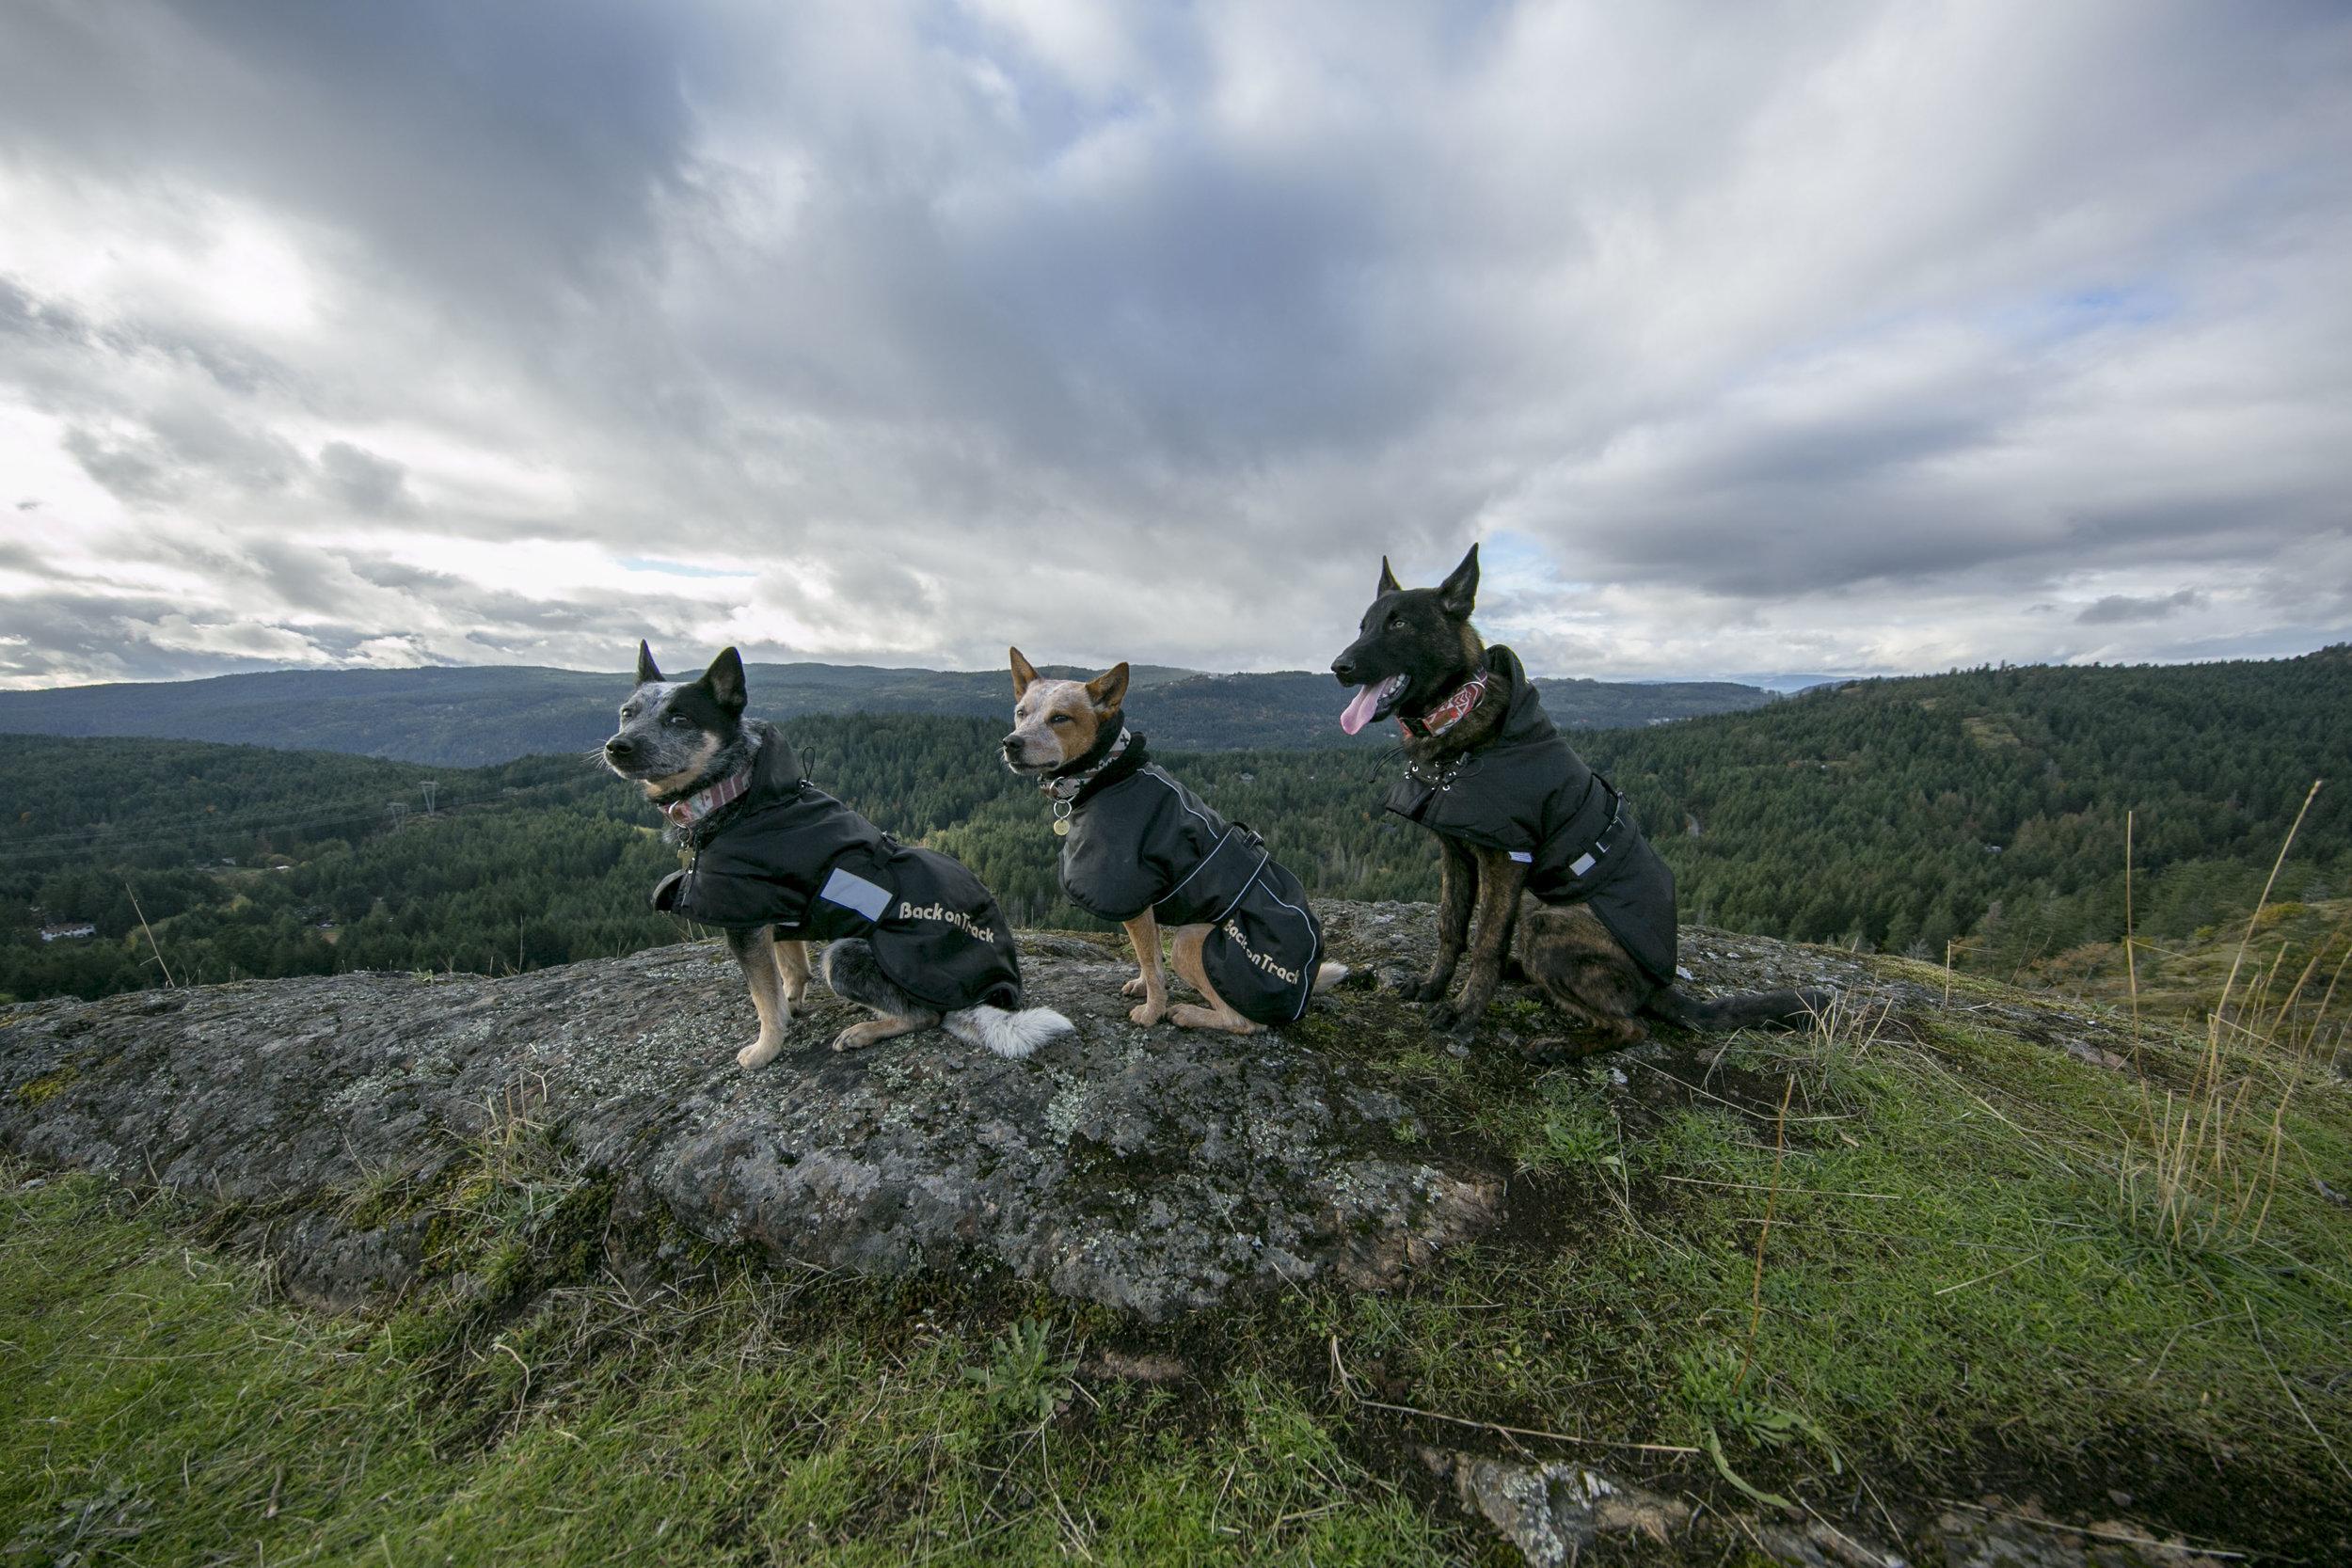 Right to left: Dog Rug, Whippet Rug, Multi-Season Rug